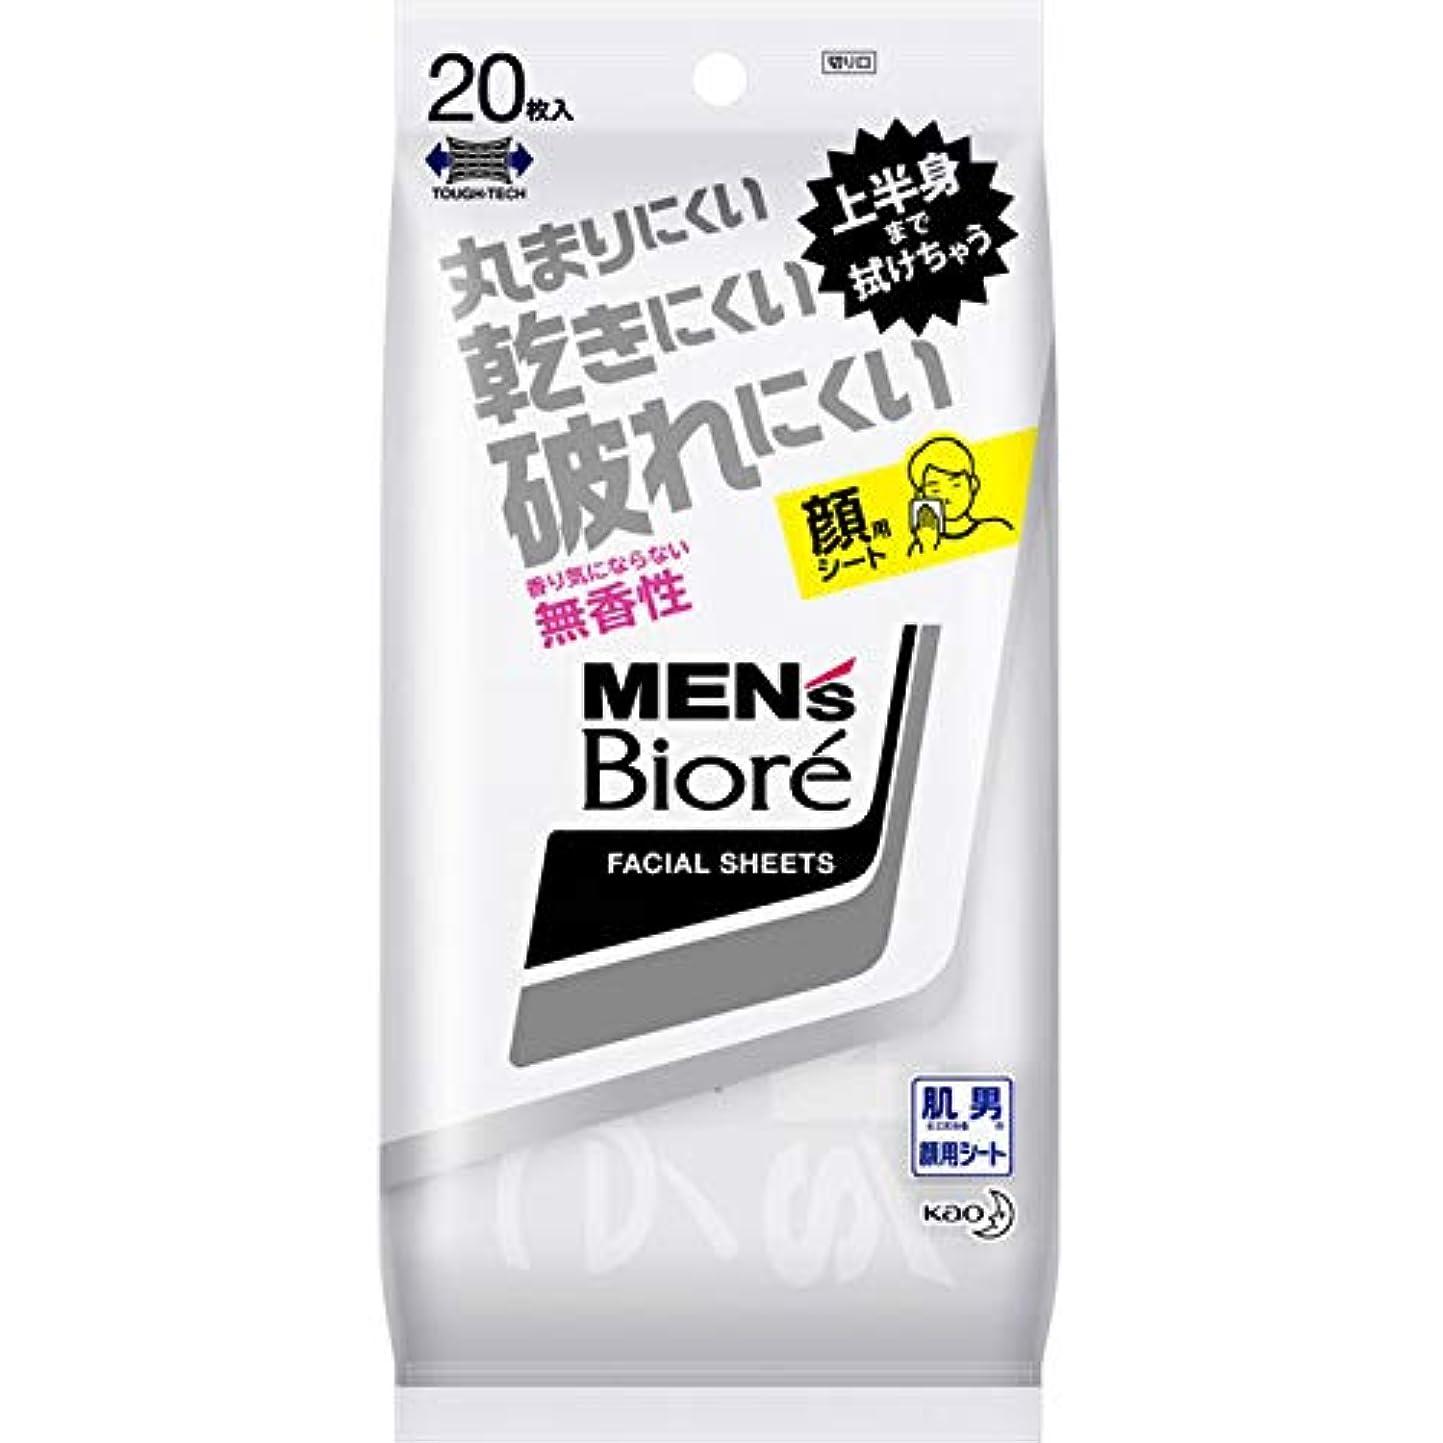 敬意を表してスペース電極花王 メンズビオレ 洗顔シート 香り気にならない無香性 携帯用 (20枚入) ビオレ フェイスシート